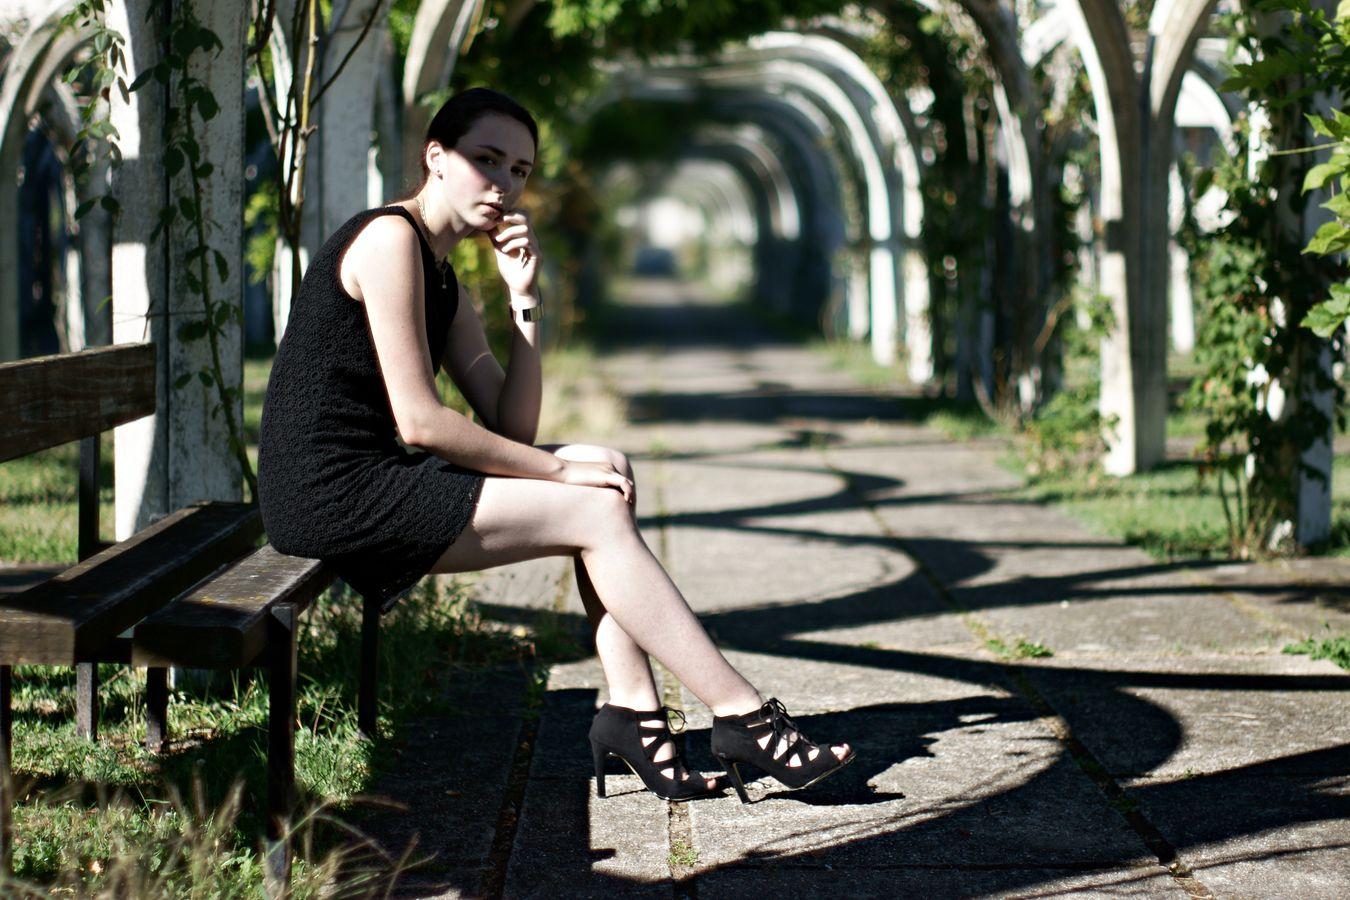 Iris est assise sous des arches de la roseraie de Caluire. Pour cette photo de mode, elle porte une petite robe noire et des bottines à talons aiguilles.